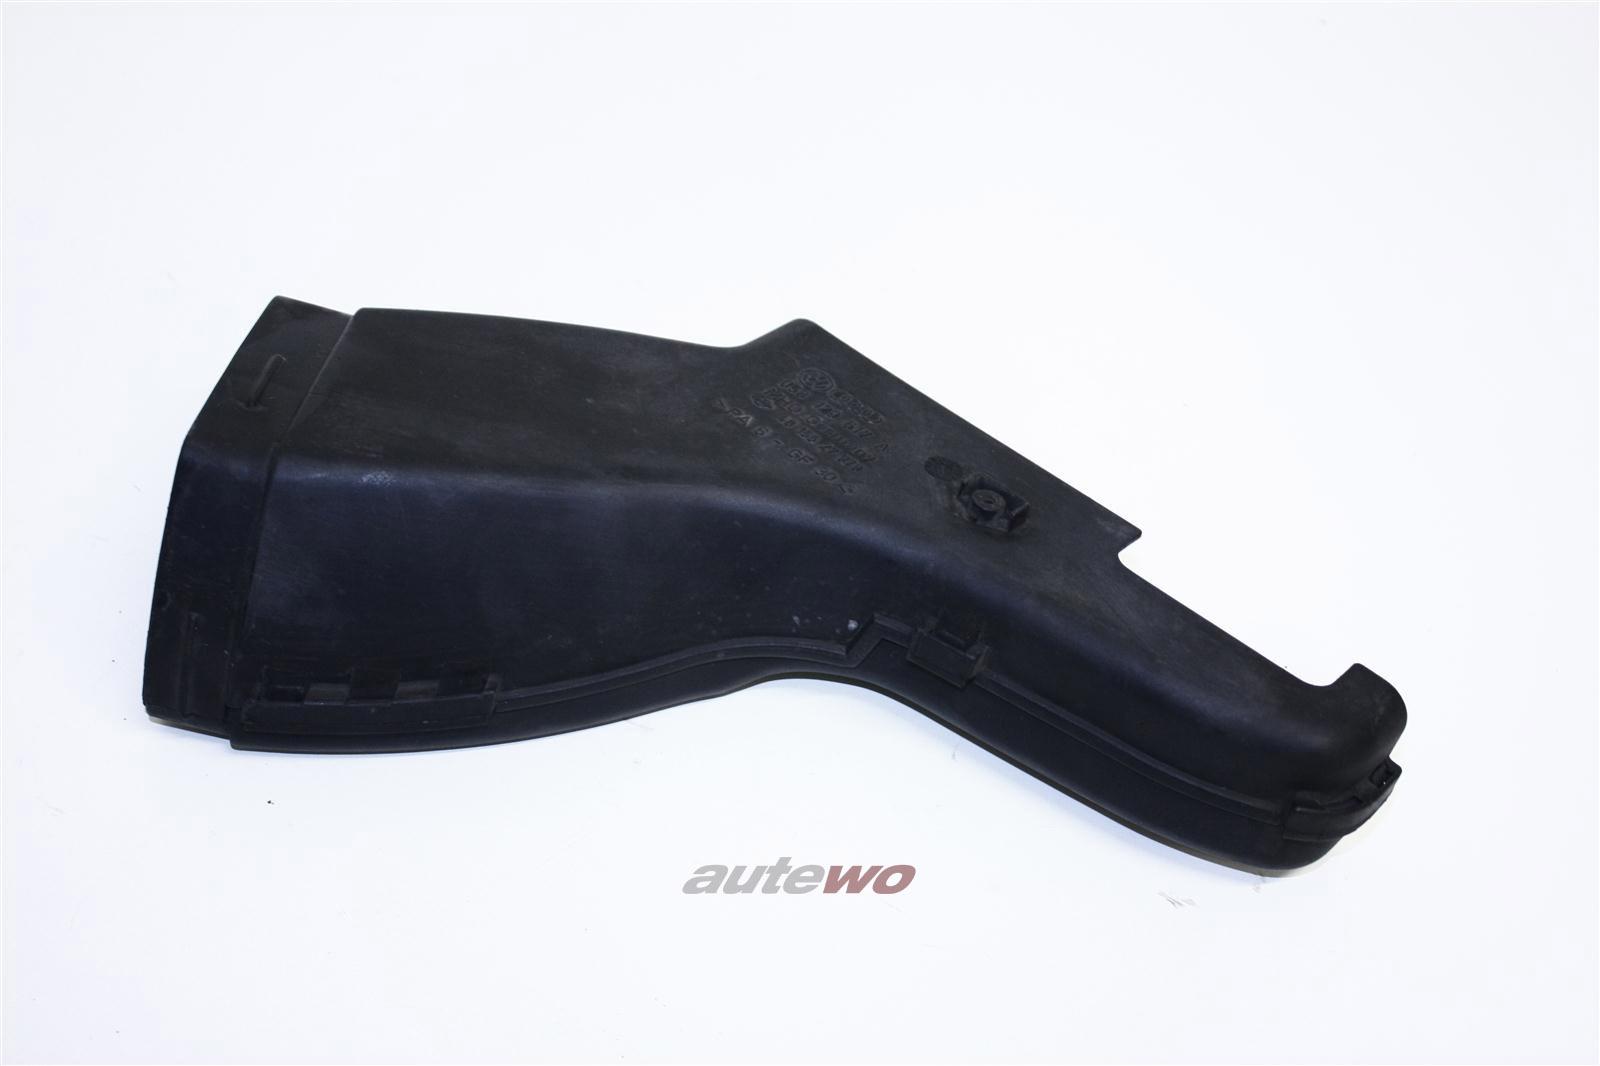 Audi A4 B5 4 Zylinder Ansaugstutzen 058129617D 058129617A